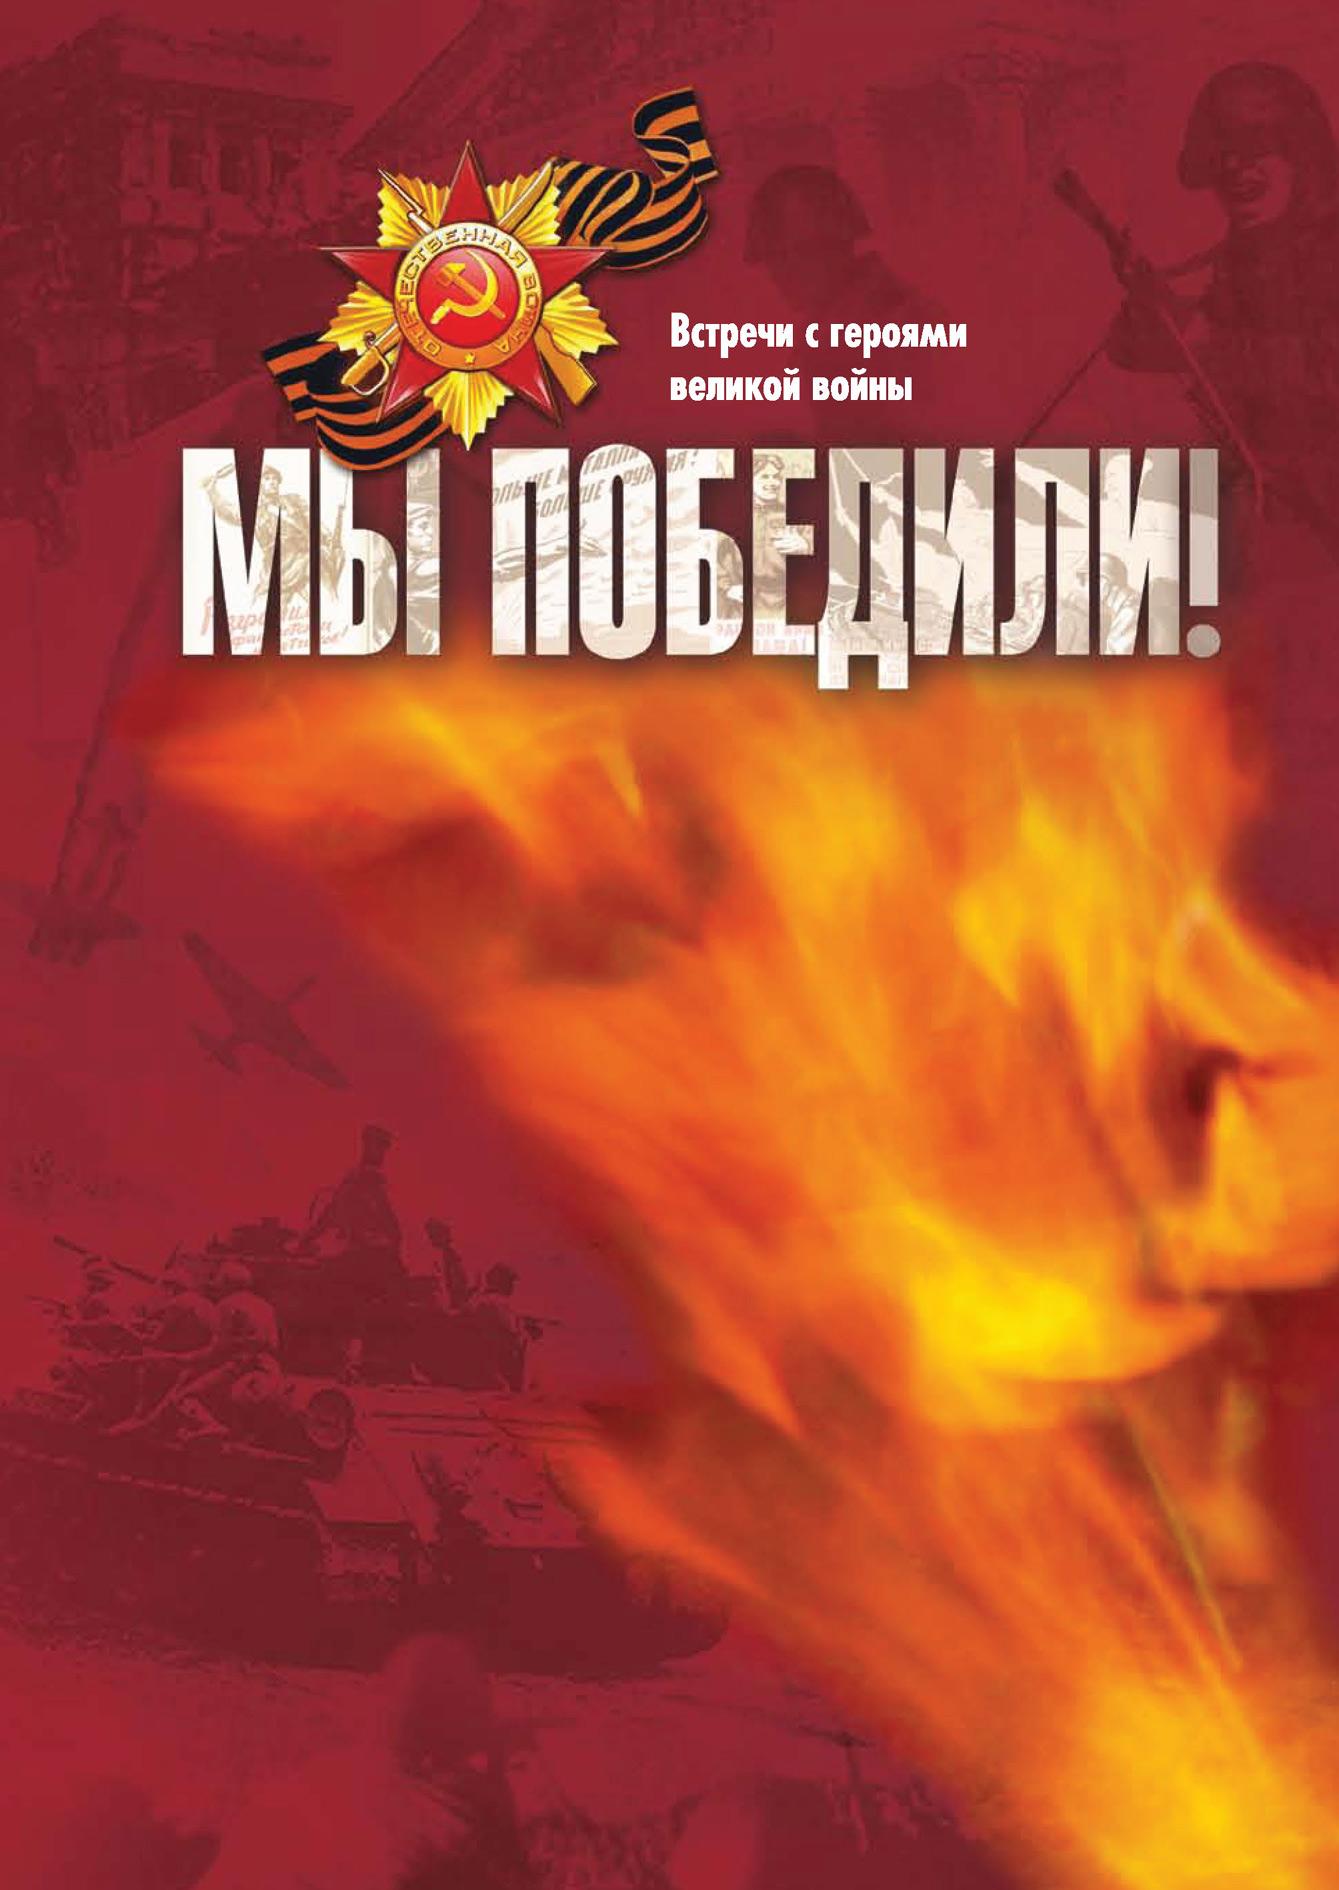 Валентина Майстренко Мы победили! Встречи с героями великой войны александр денисенко мы победили